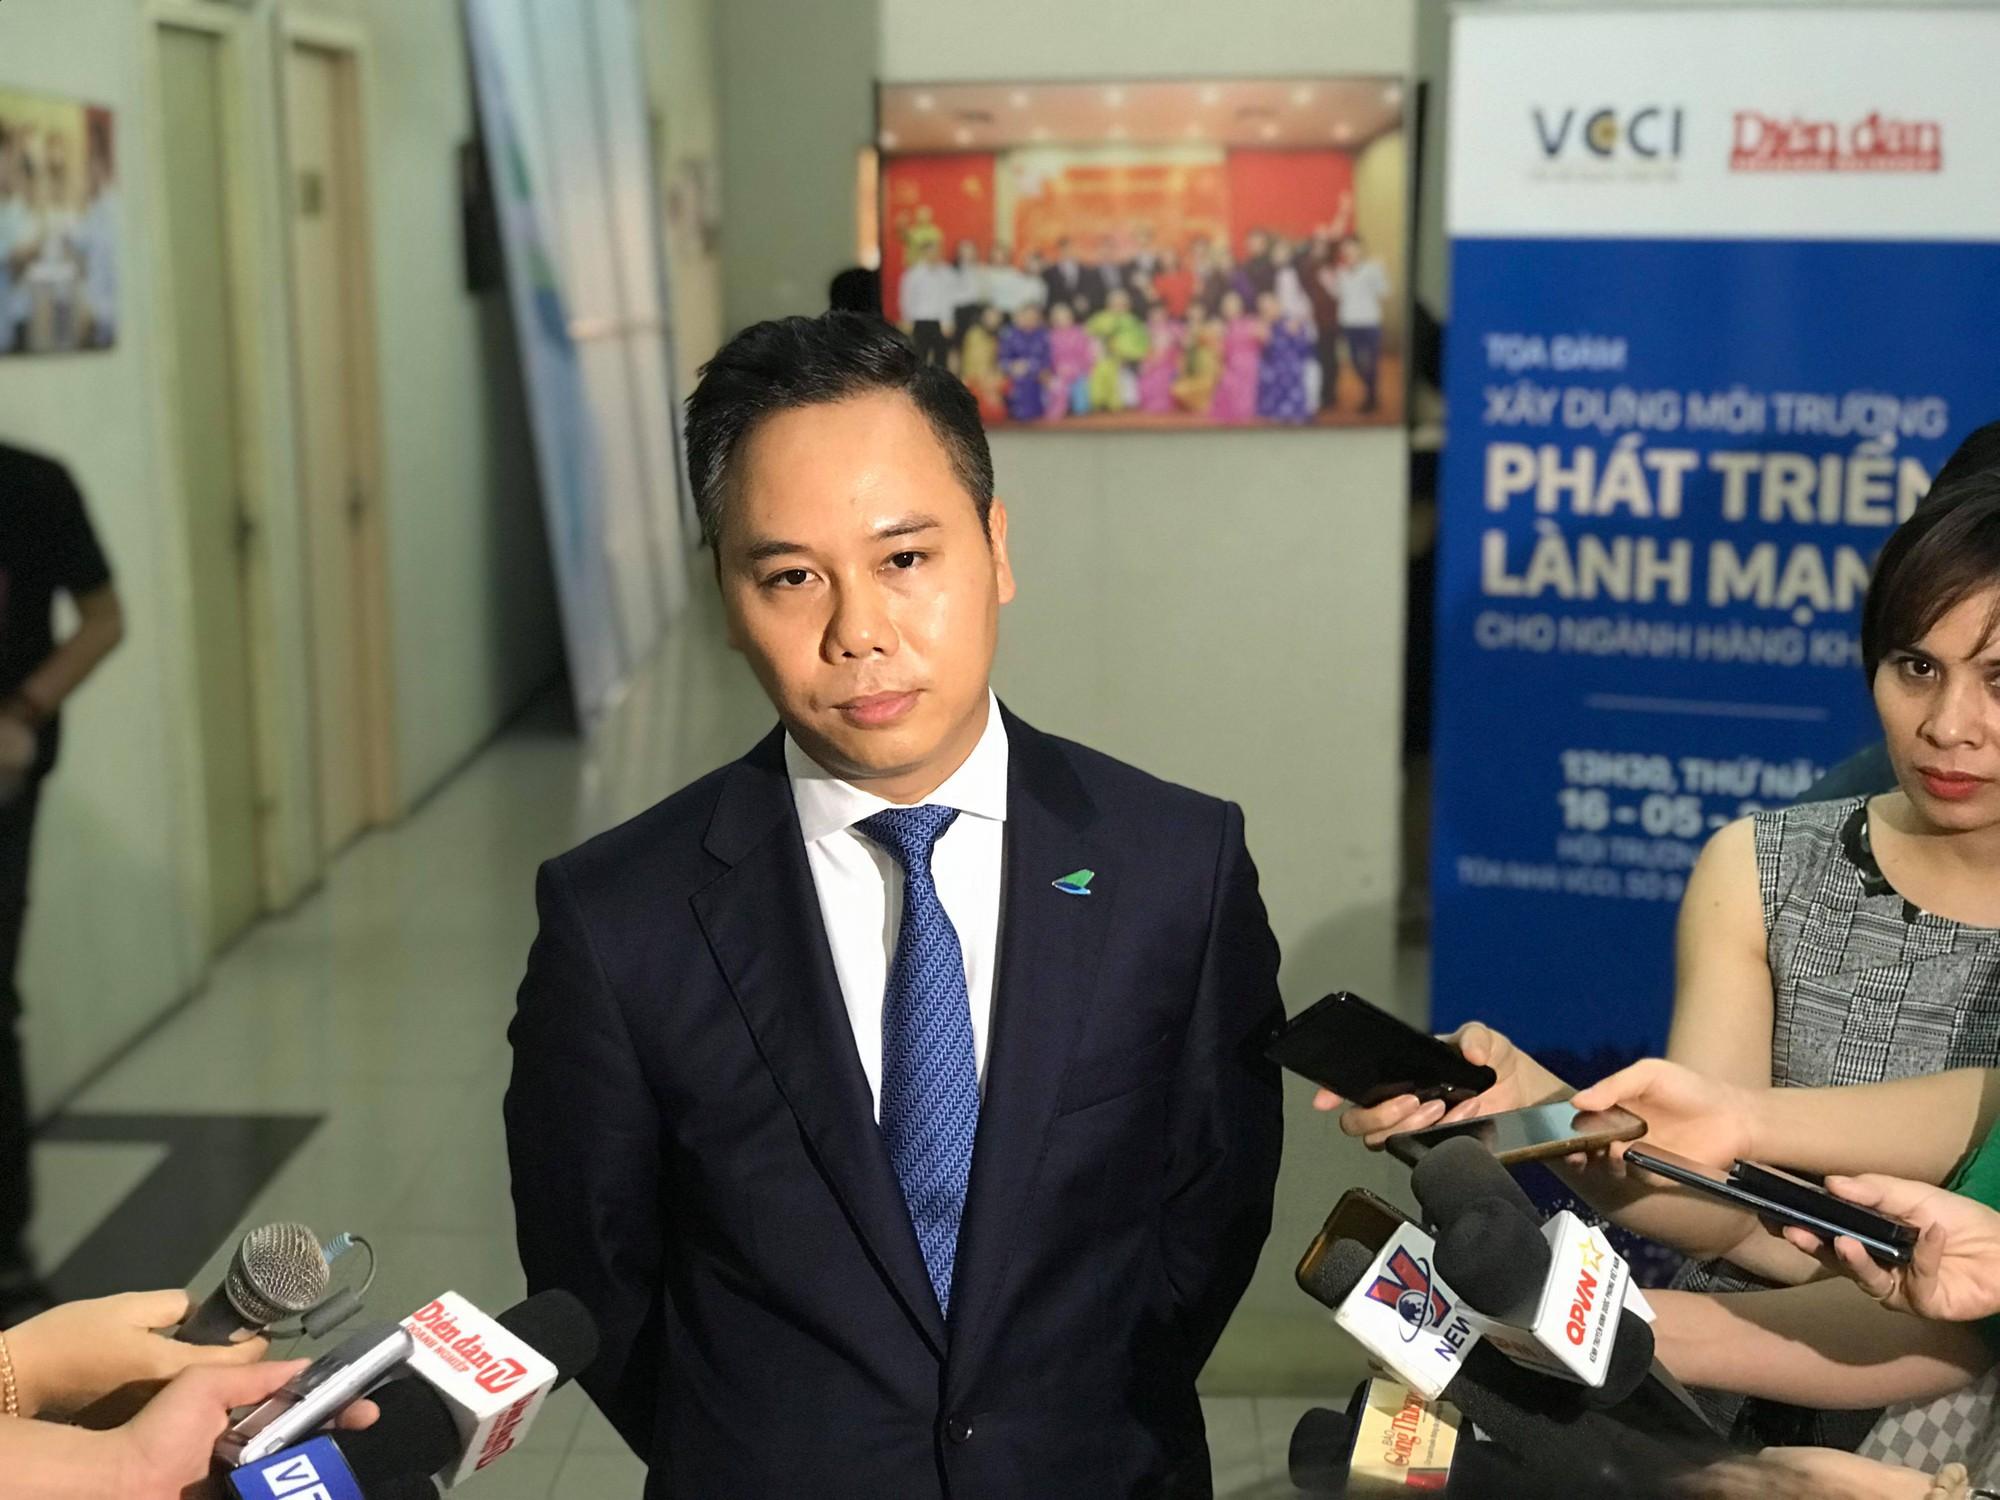 Phó Chủ tịch Bamboo Airways: Chúng tôi sẵn sàng đầu tư và làm hoàn thiện hạ tầng hàng không' - Ảnh 1.